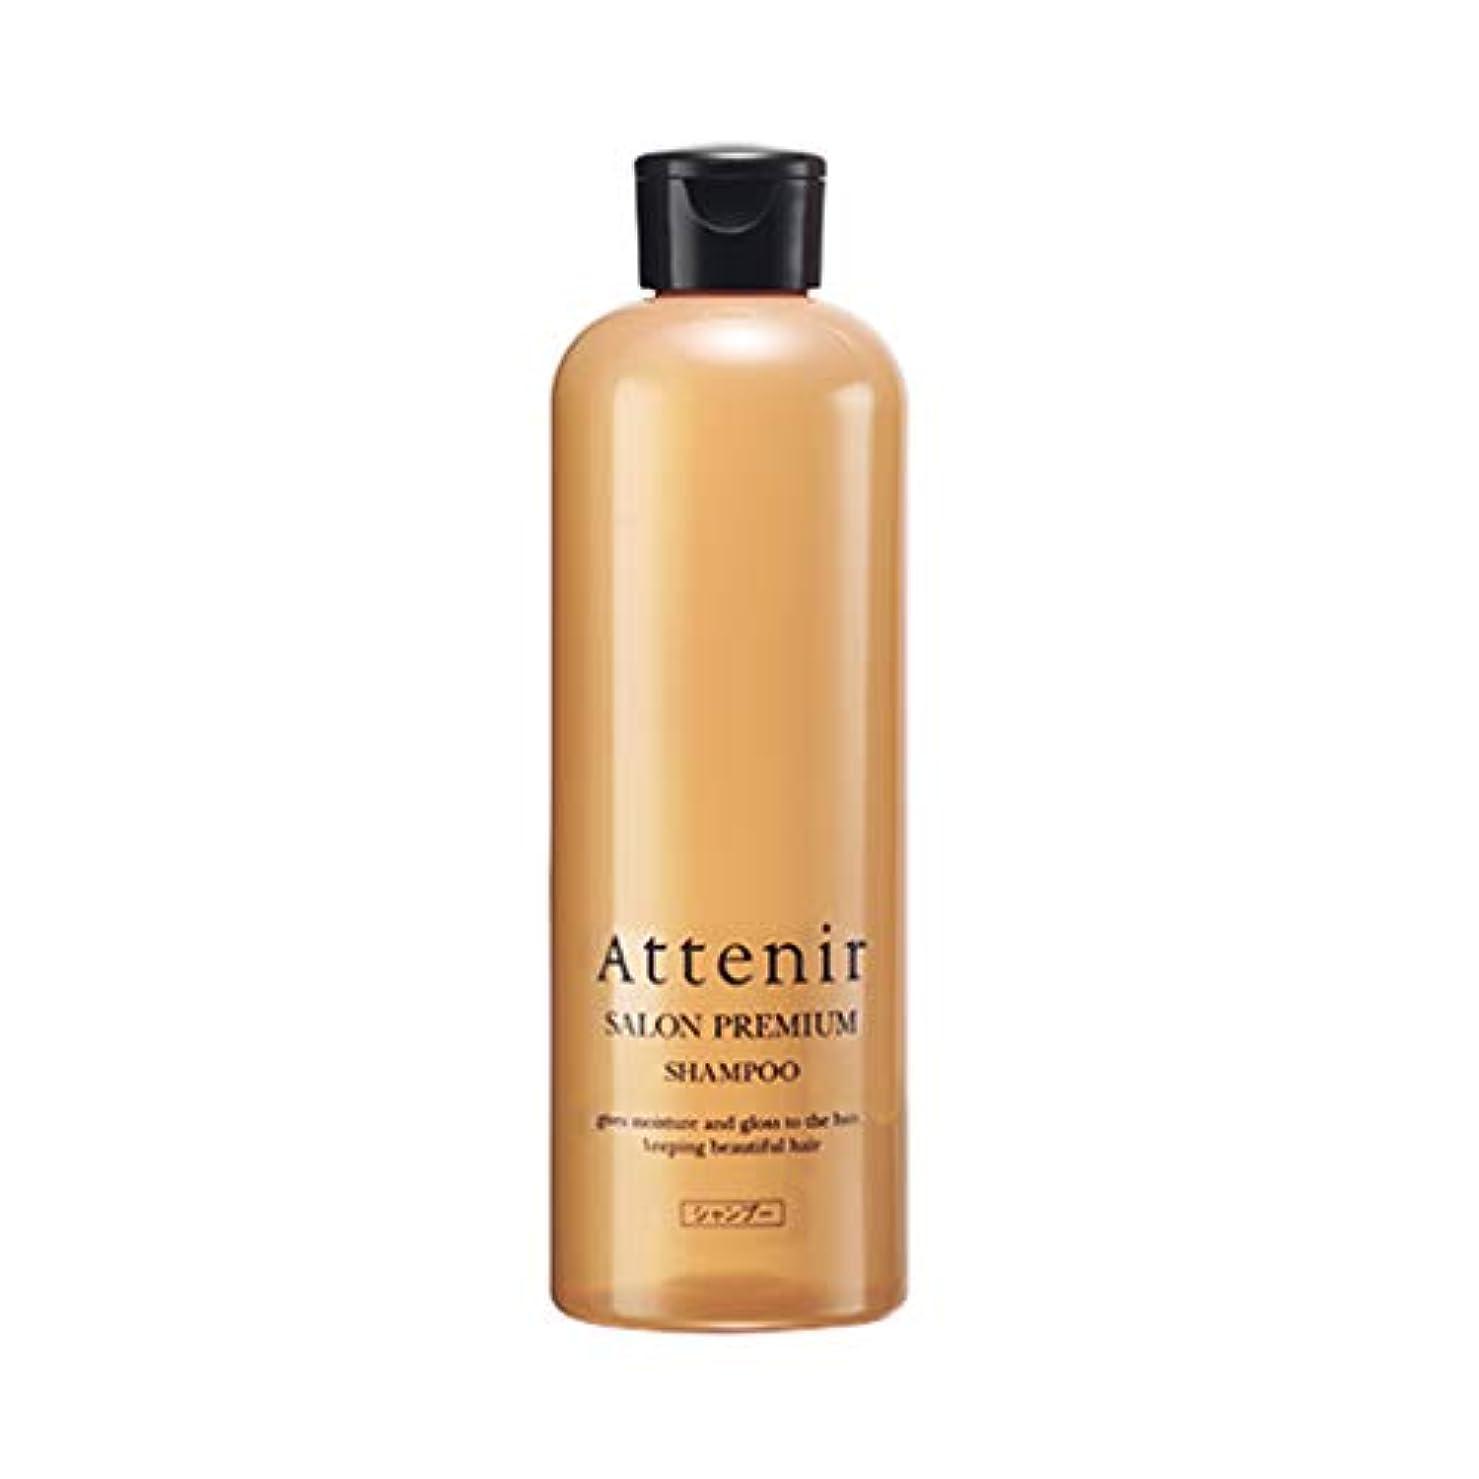 評価可能カウボーイインデックスアテニア サロンプレミアム シャンプー グランフローラルの香り 毛髪補強成分配合 300ml